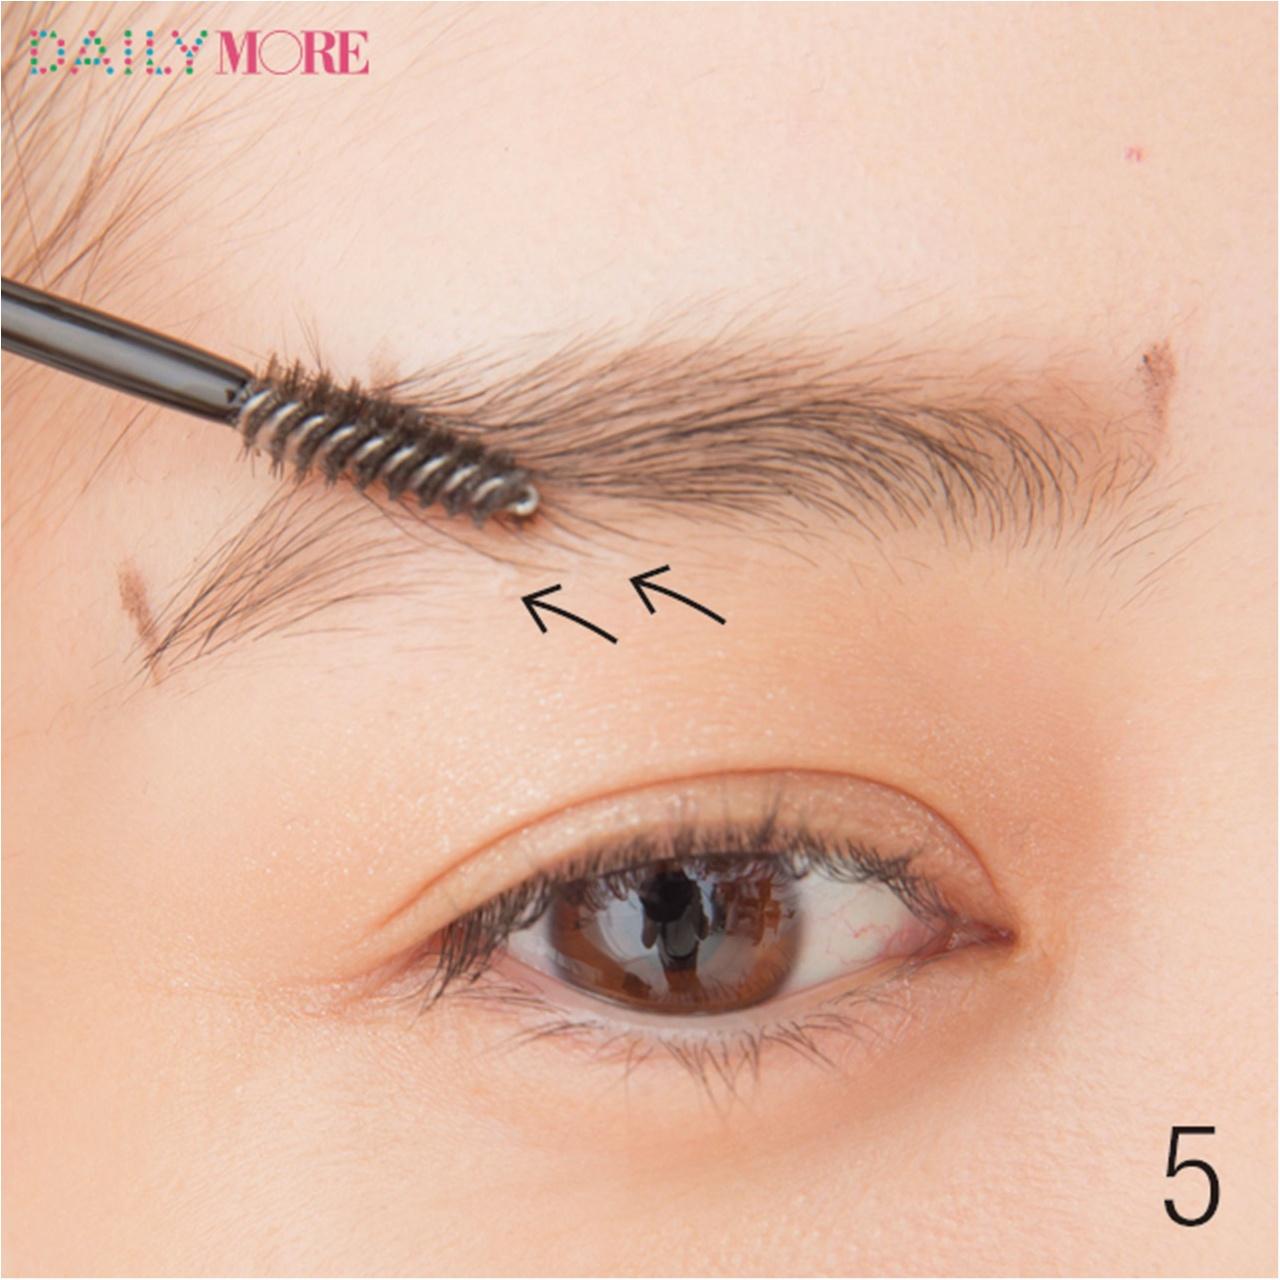 眉毛特集 - 世界一正しい眉の描き方 | アイブロウの描き方、メイクのプロセスやテクニックまとめ_27